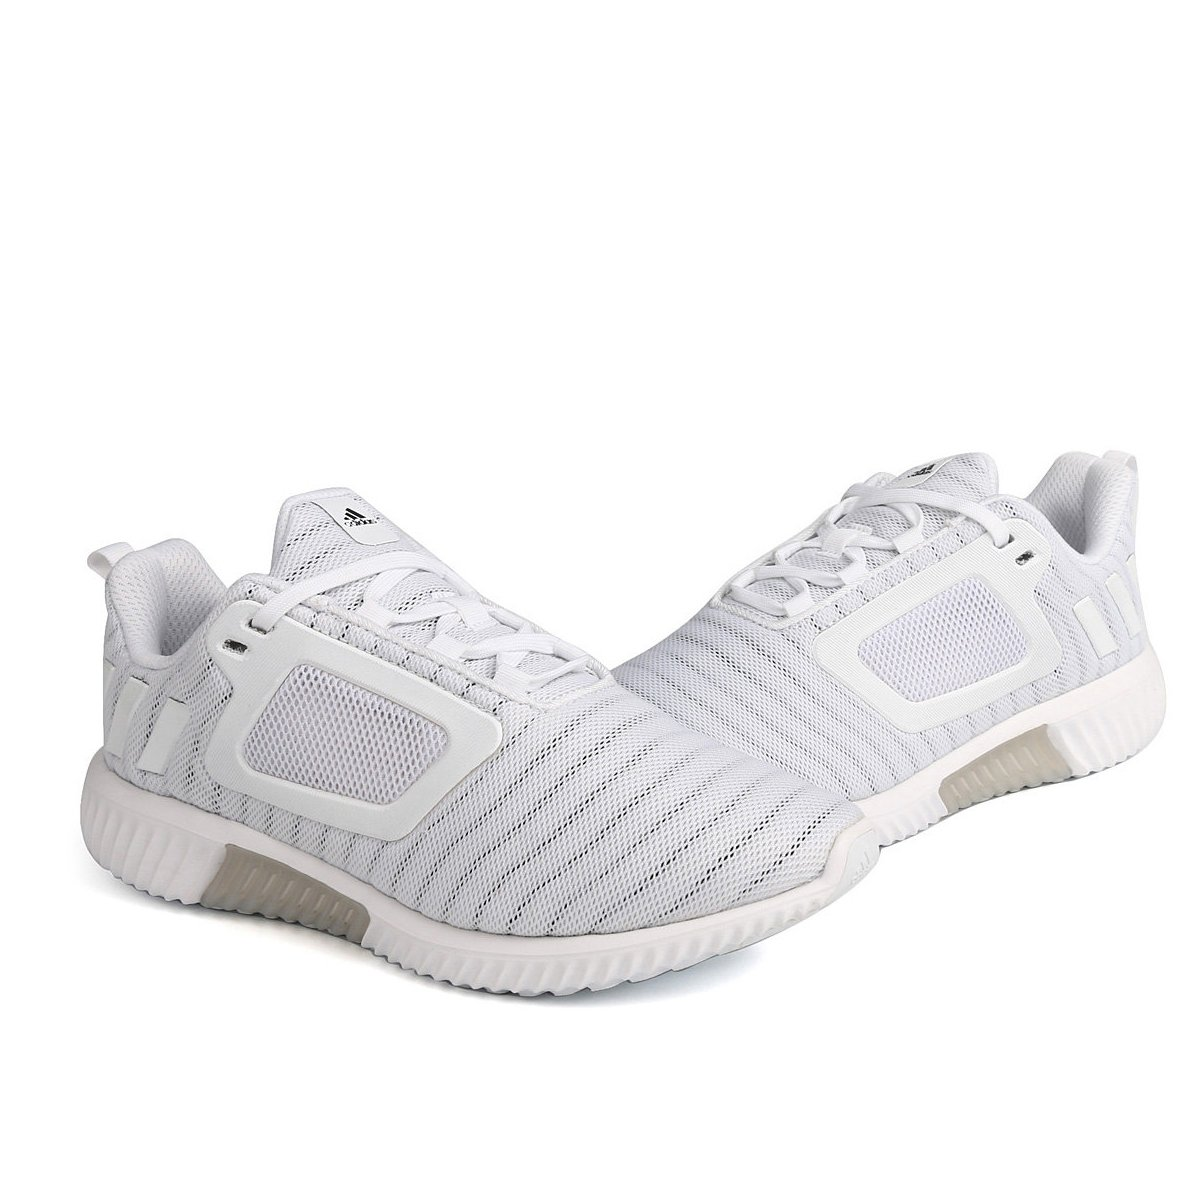 日本国内正規品 adidas アディダス オリジナルス クライマクール 〔CLIMACOOL〕 ランニングホワイト/ランニングホワイト/シルバーメット BB3084 B079GPPD43